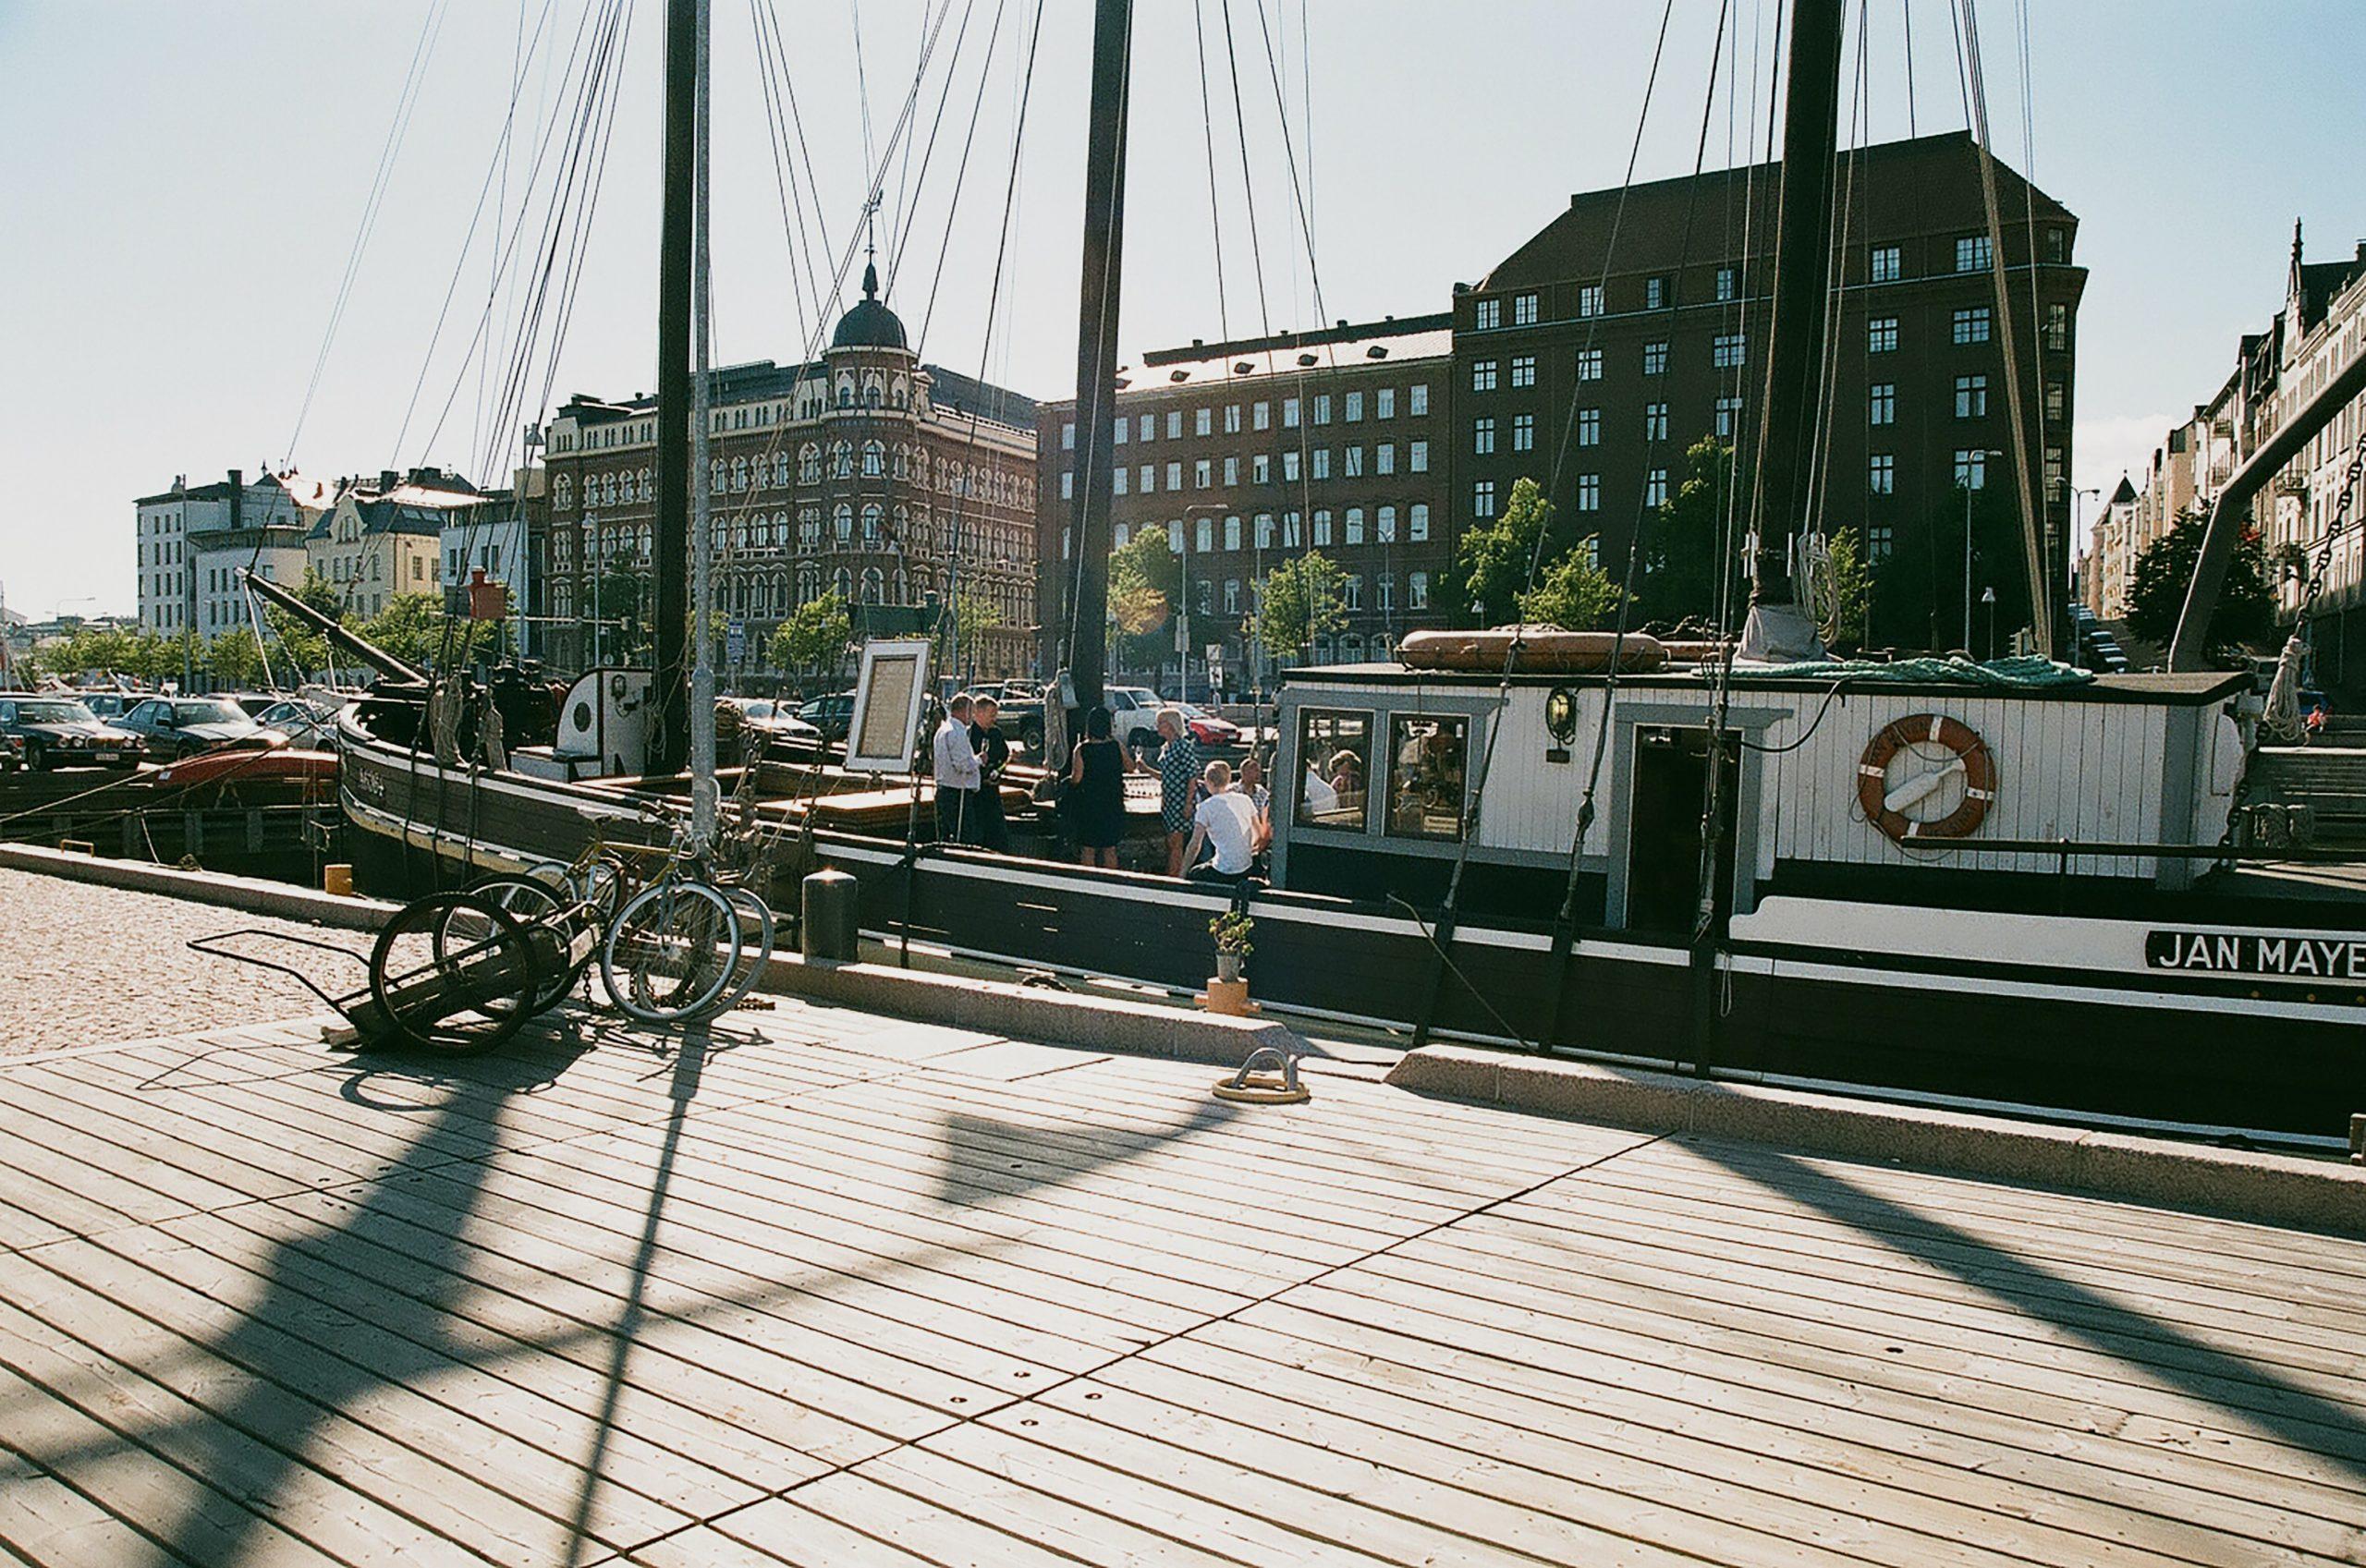 Louer un bateau en France au canal du midi pour vos vacances d'été 1